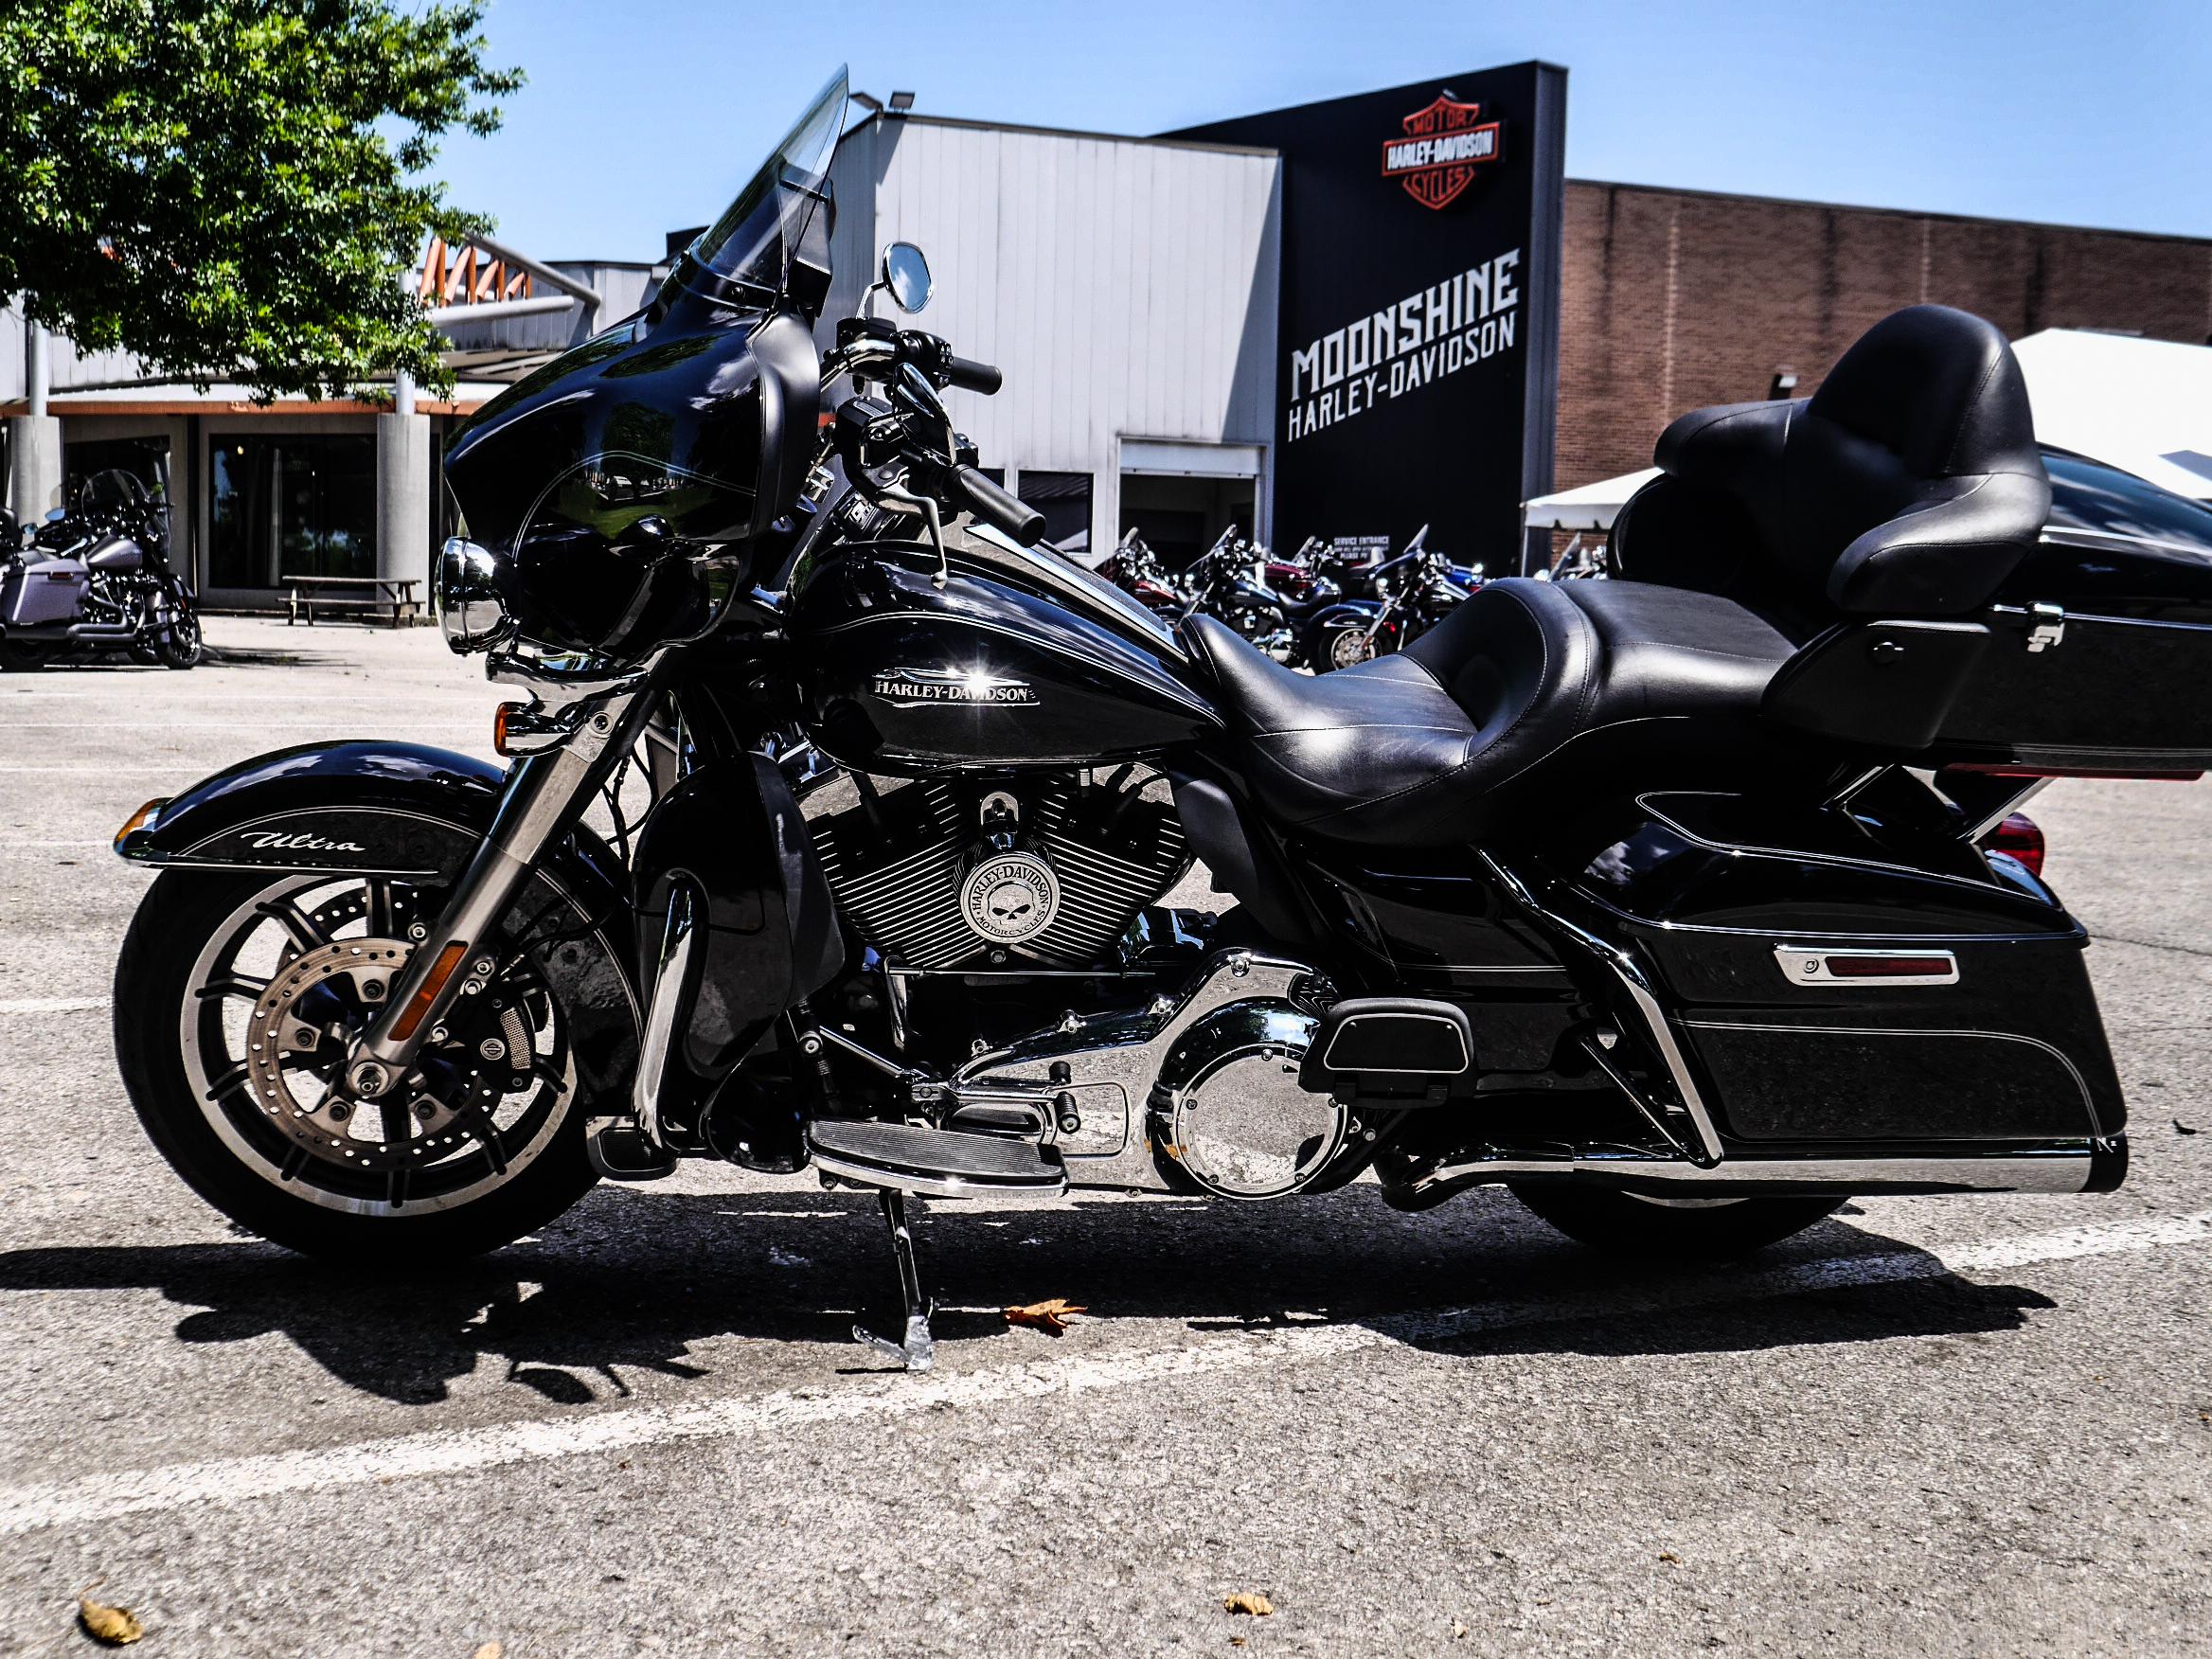 Harley Electra Wiring Davidson Get Free Image About Wiring Diagram